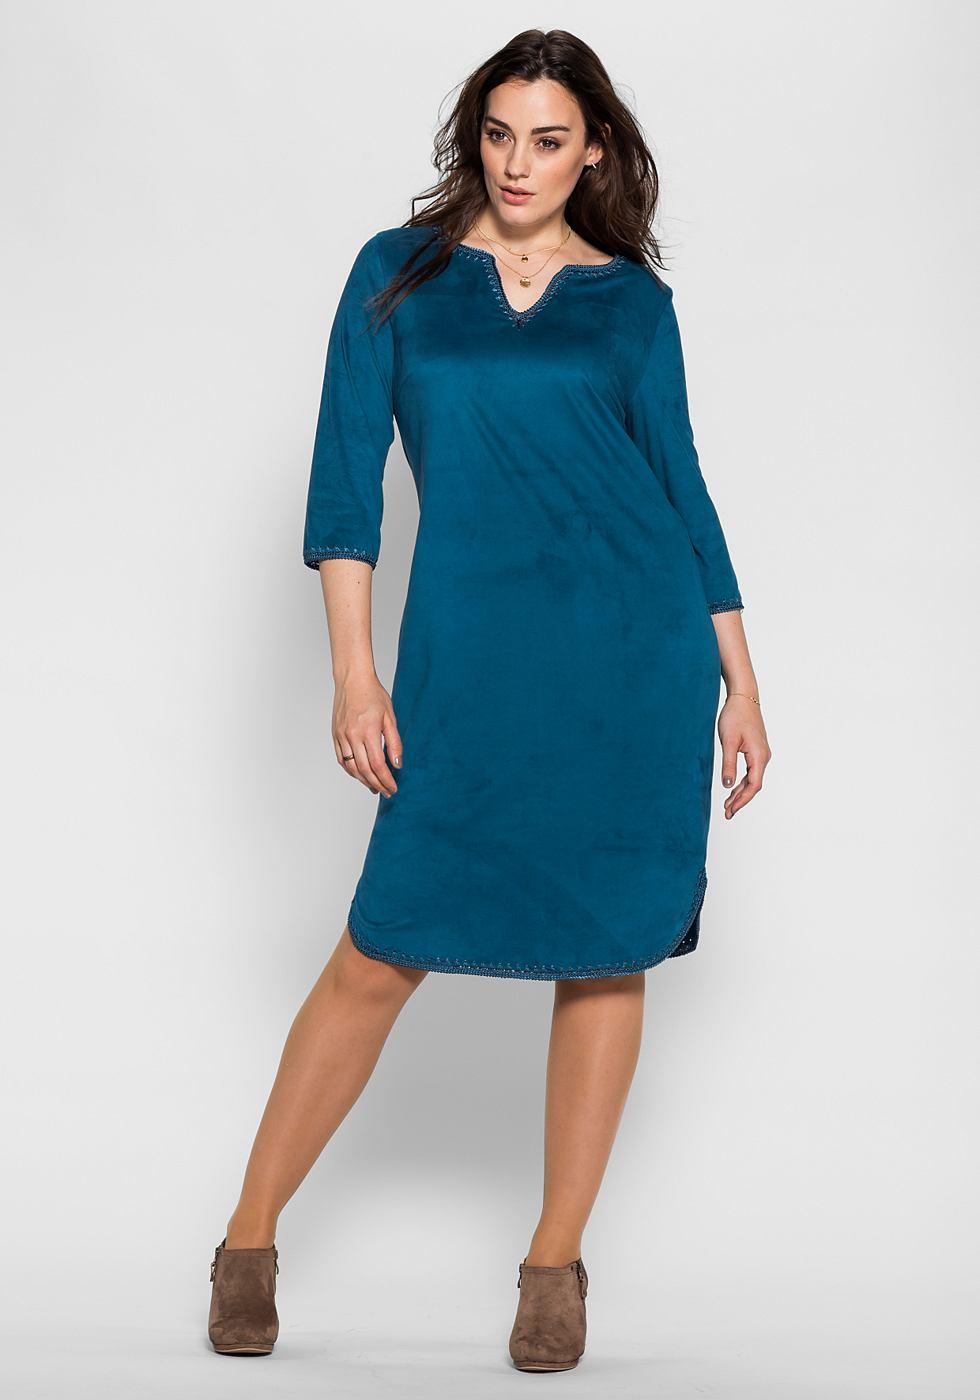 Sheego Style jerseyjurk met gehaakte randen blauw